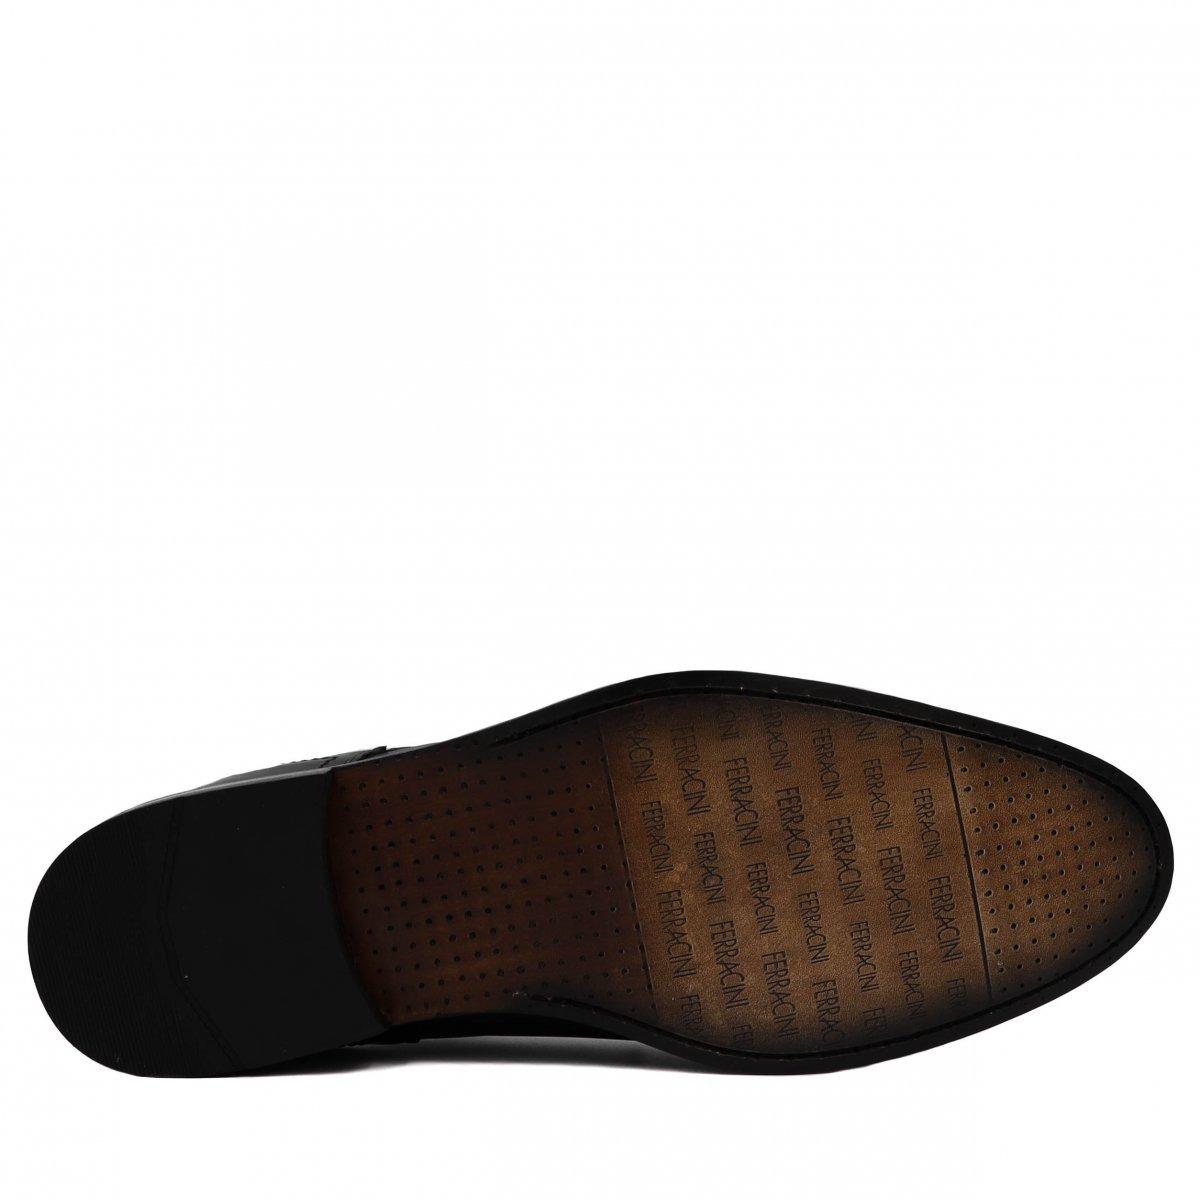 a4b3c2d0d3 Sapato Masculino Ferracini Social Classic Em Couro 3340f - R  499